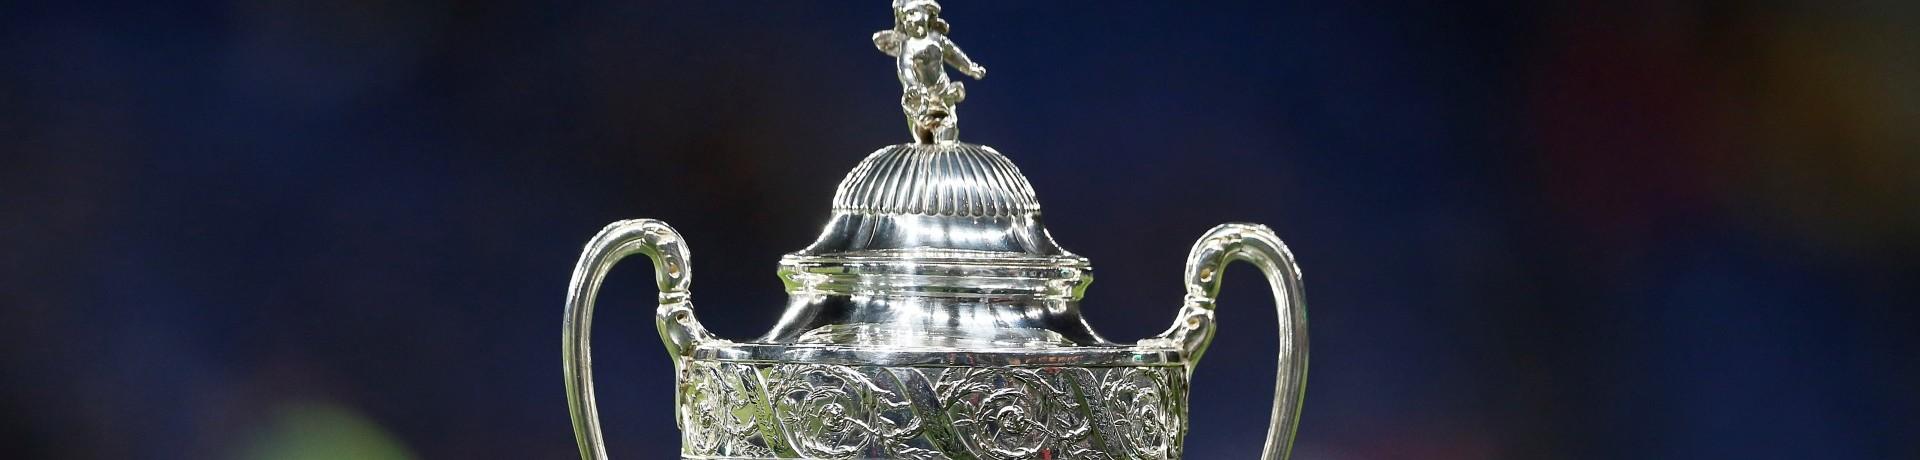 Le trophée de la Coupe de France (illustration)